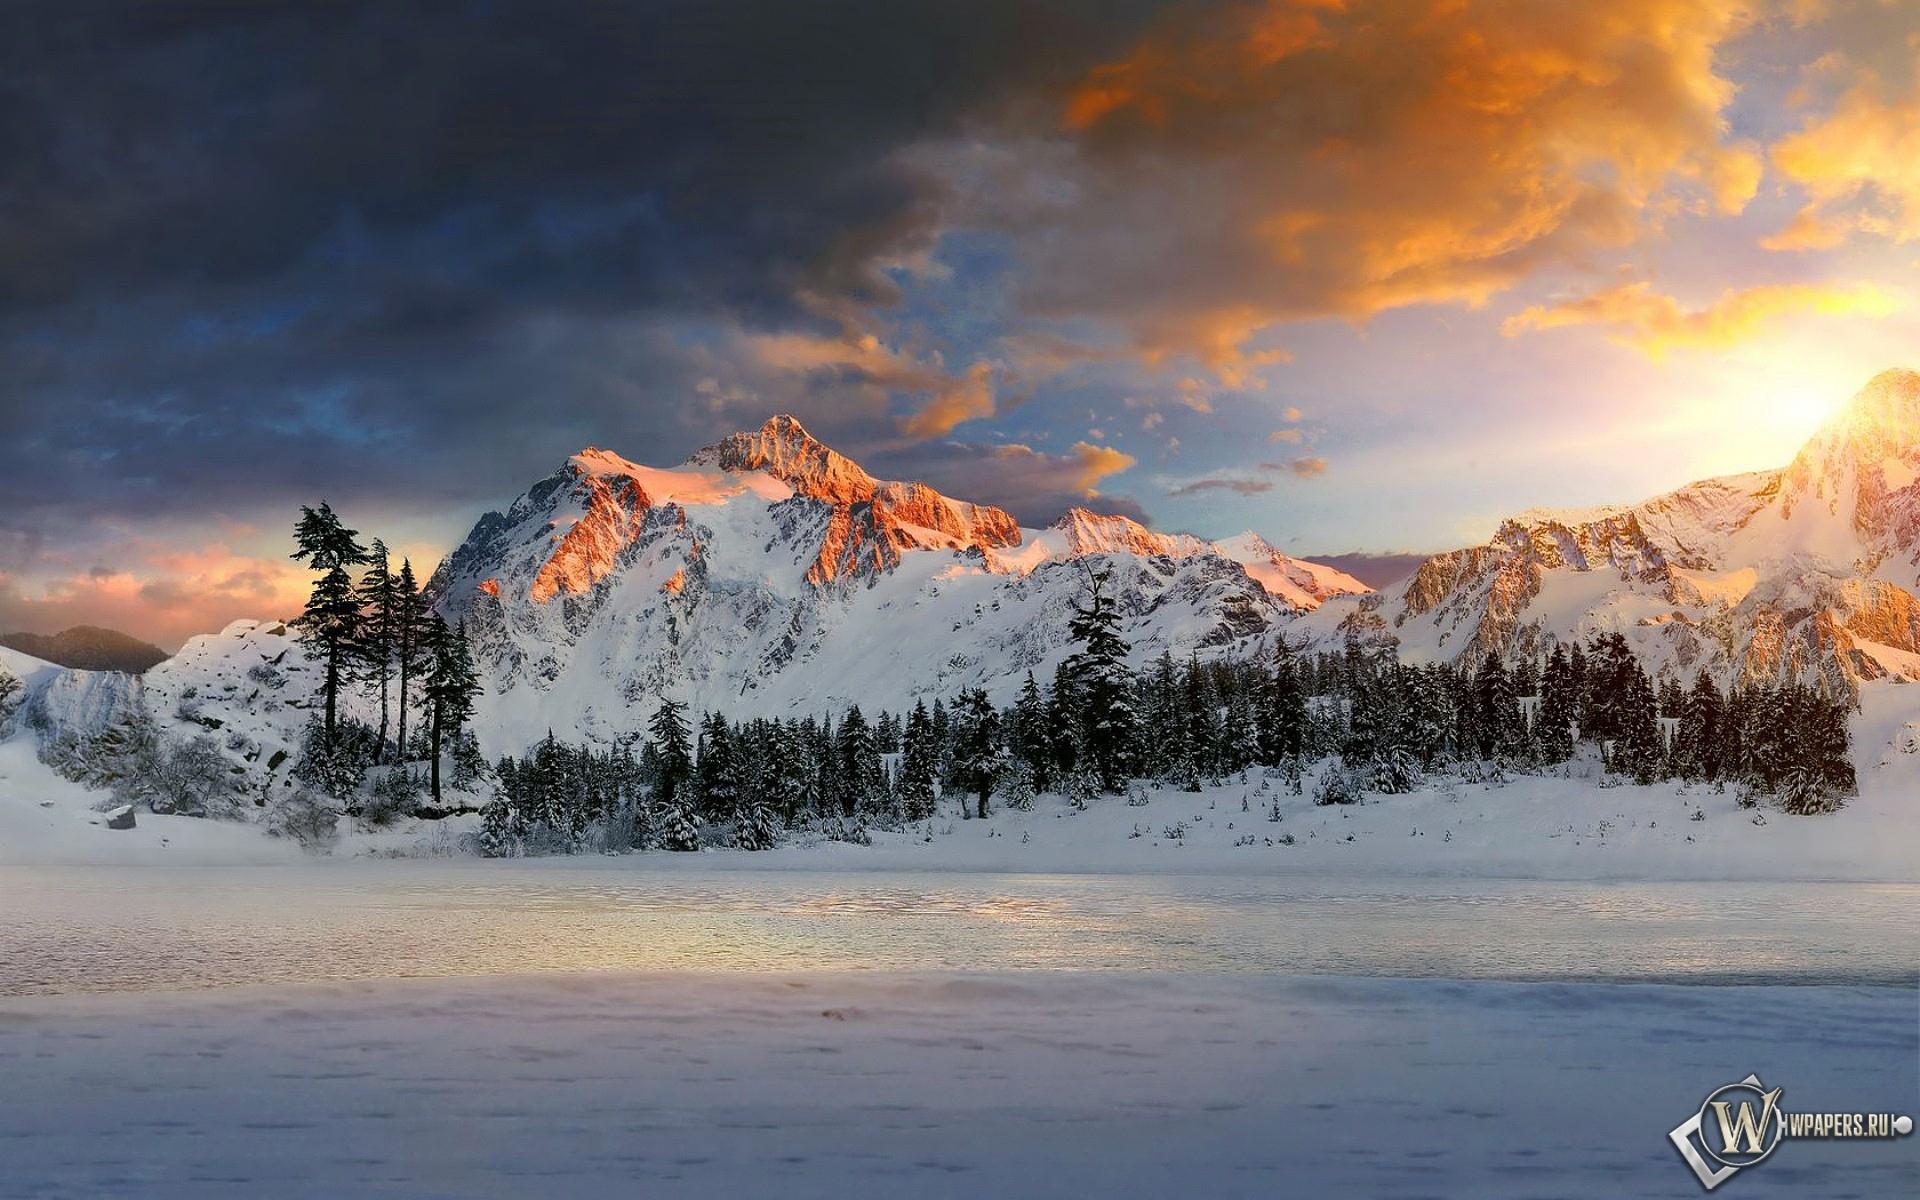 Горное озеро зимой 1920x1200